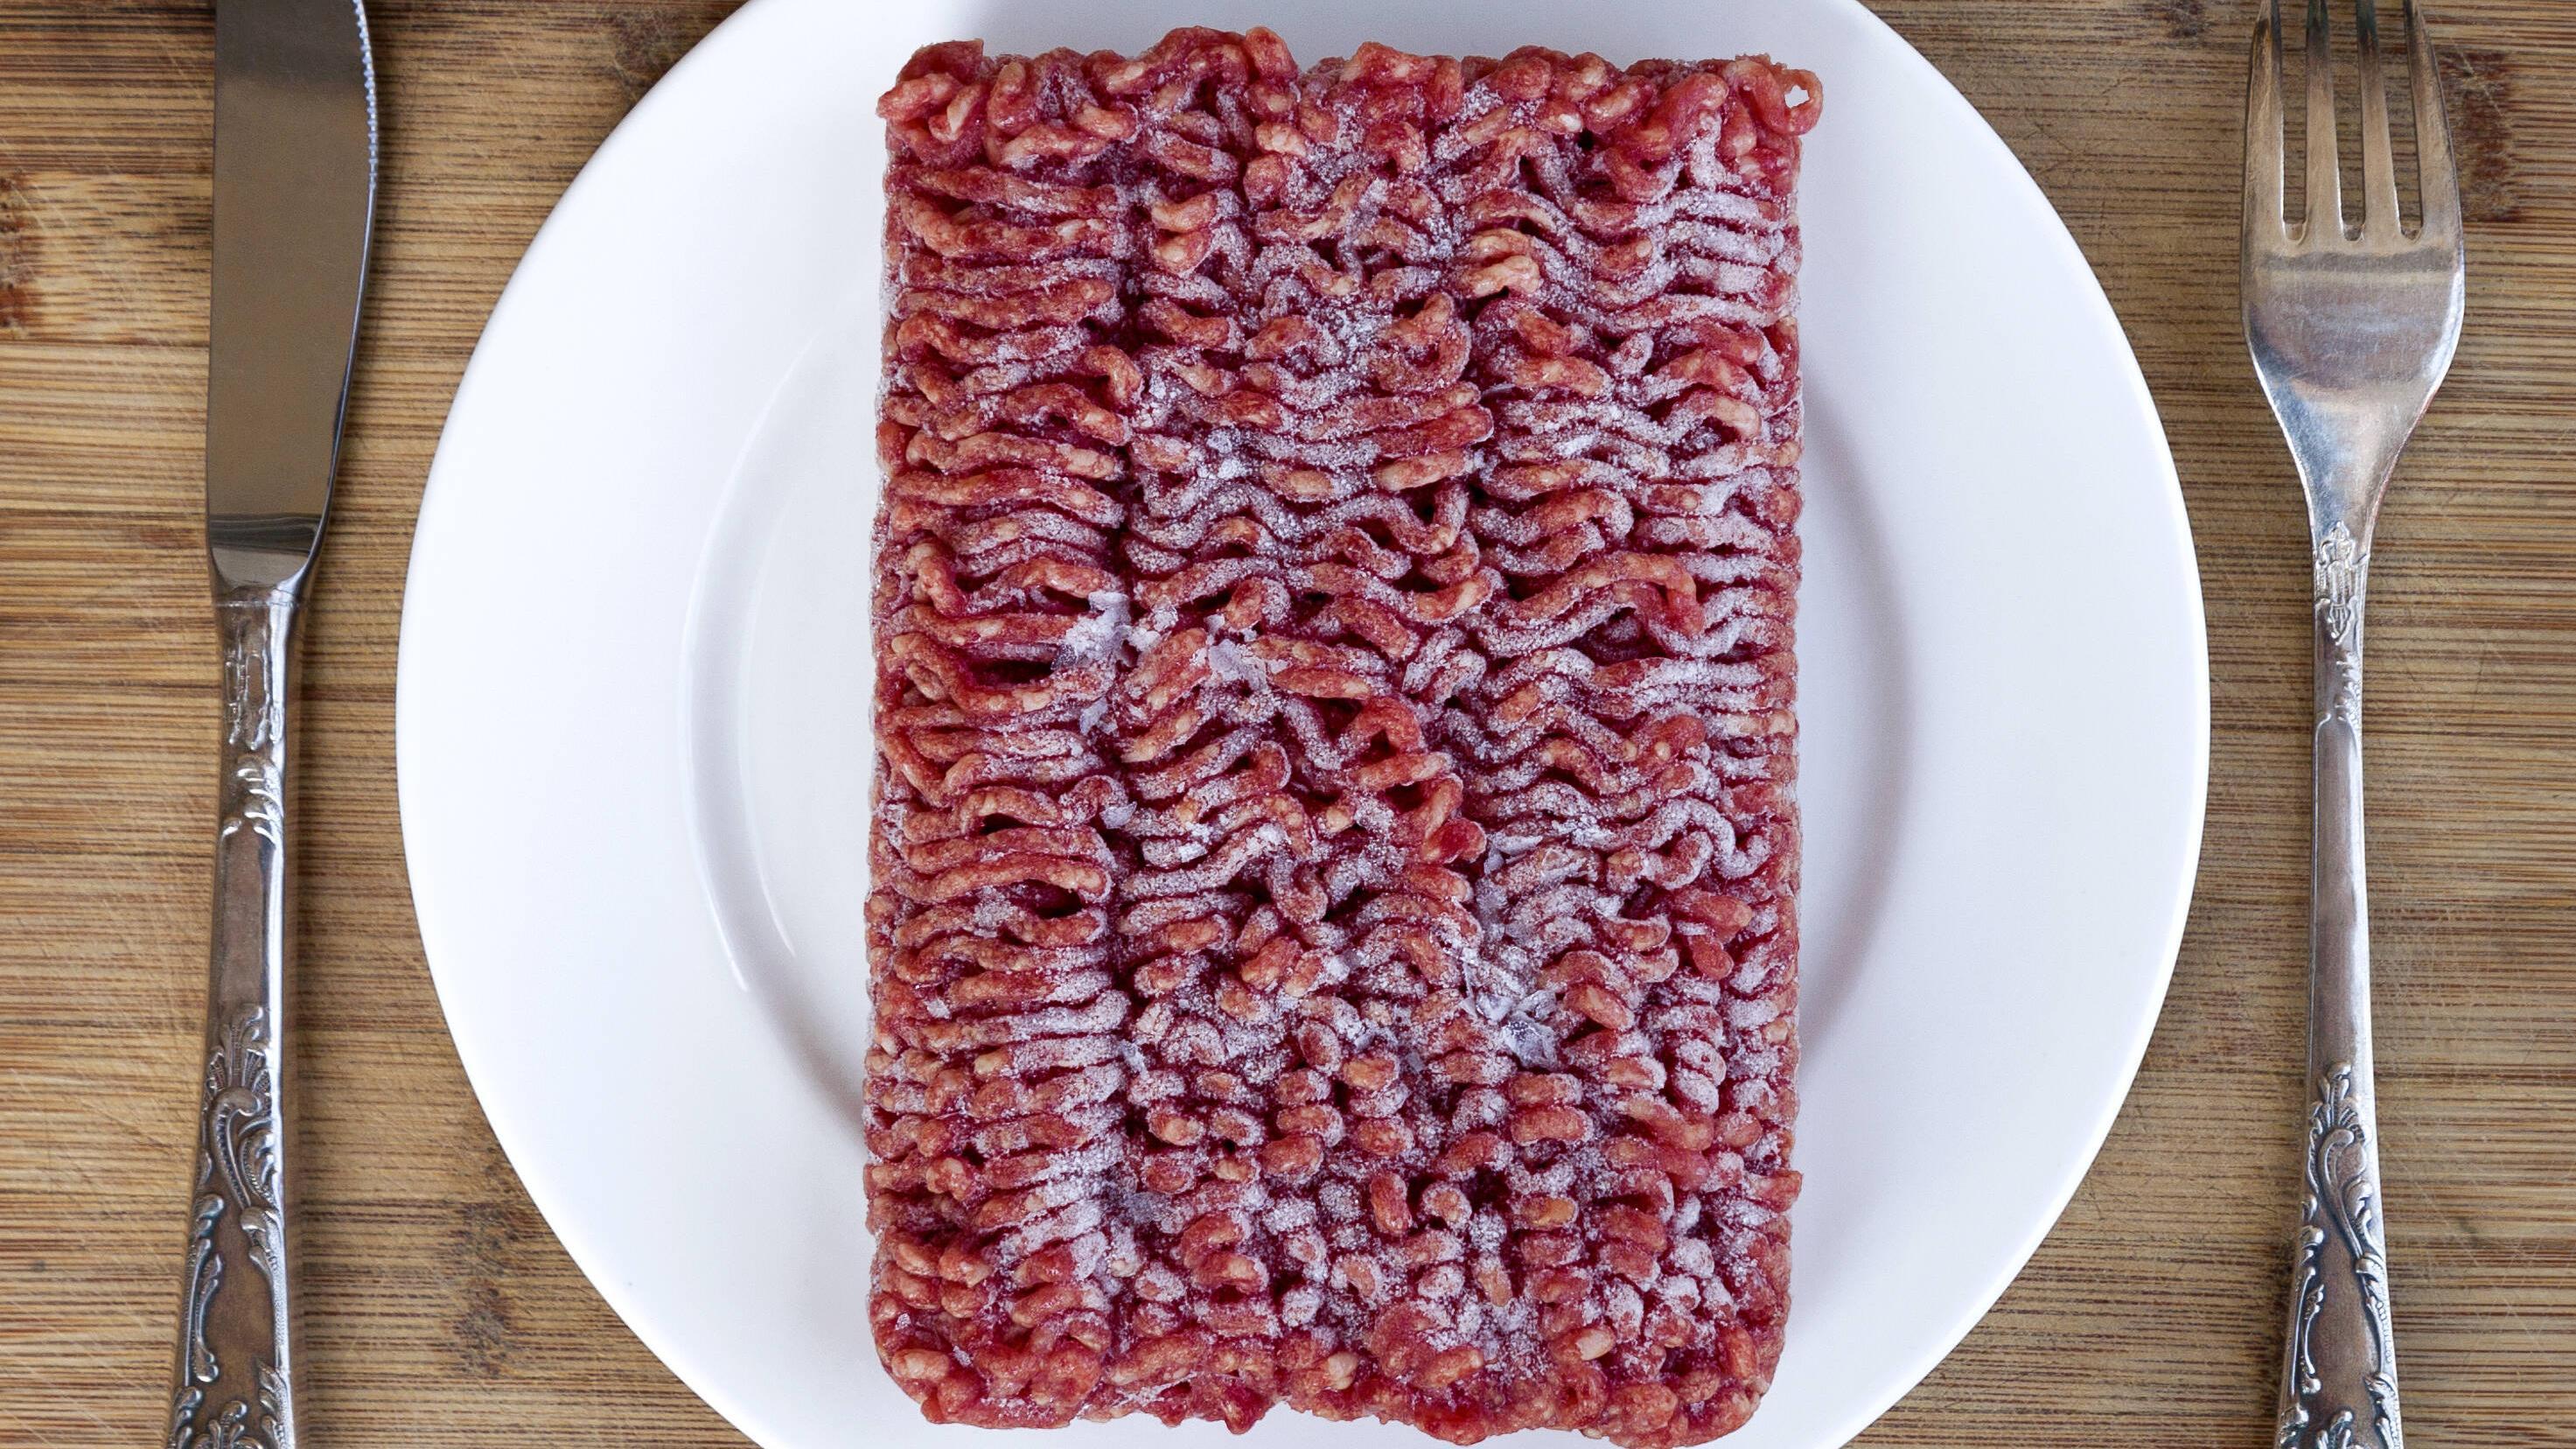 Aufgetautes wieder einfrieren: Generell möglich, aber Vorsicht bei Fleisch und Fisch